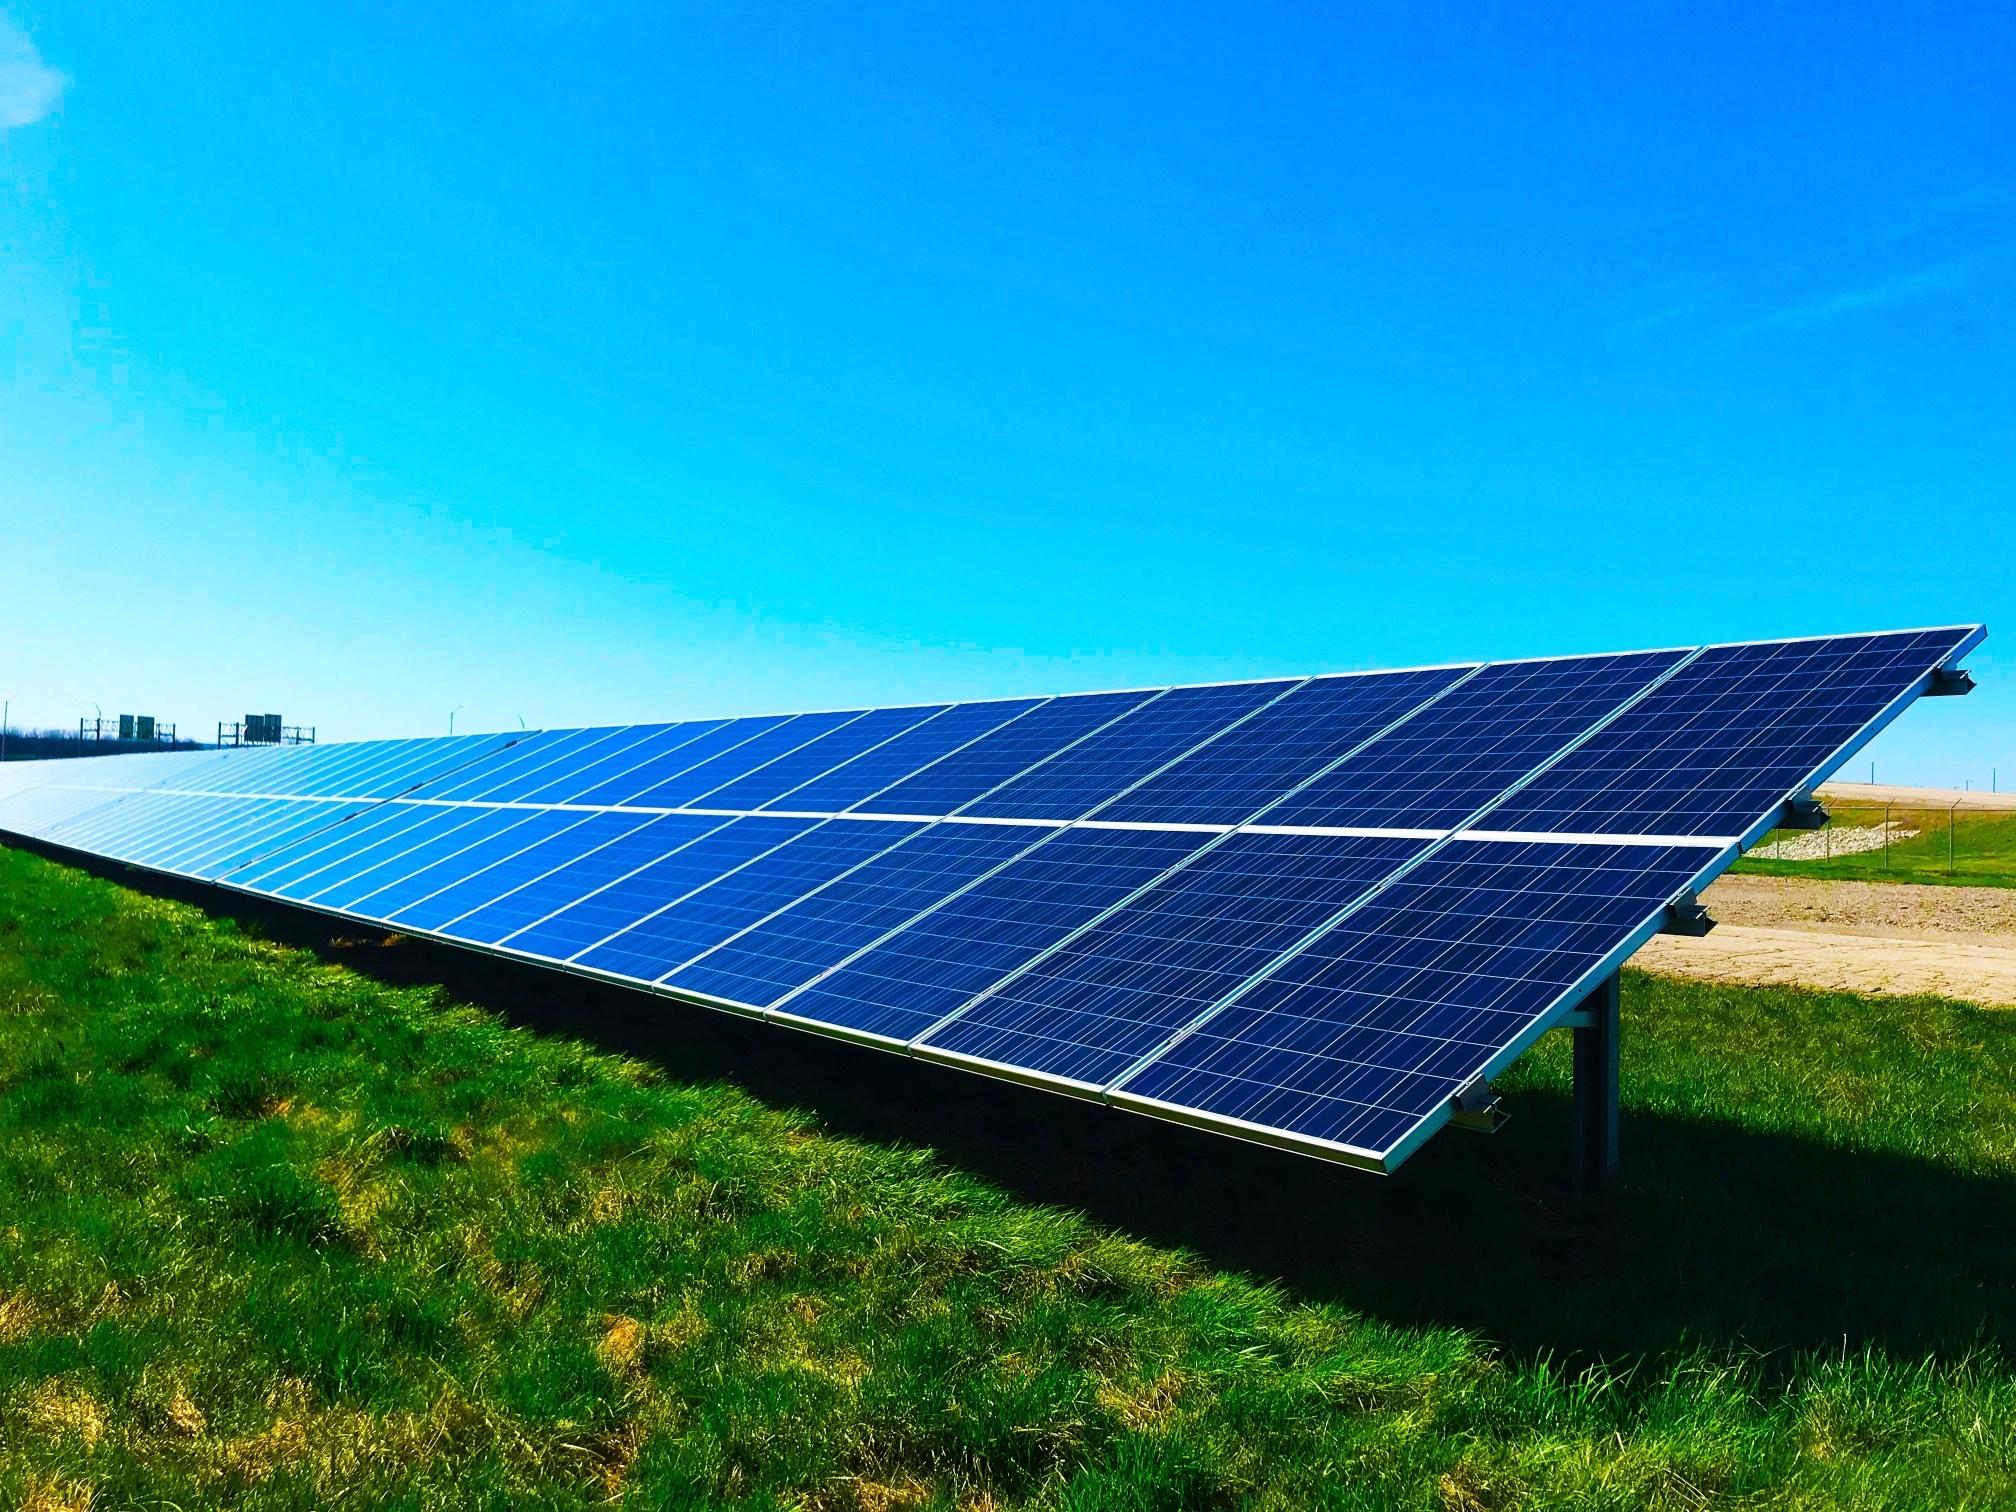 Solar Panels, YSG Solar